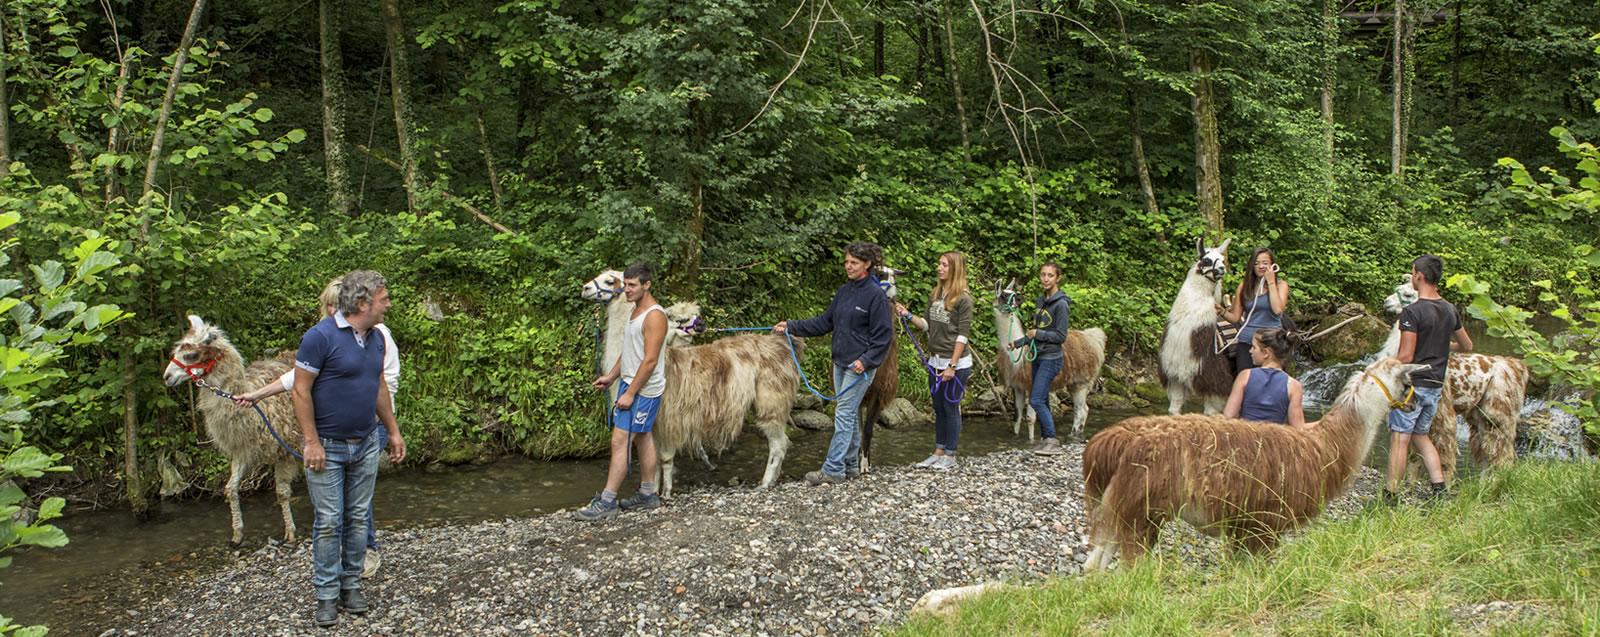 Vacanze in famiglia escursione in montagna con lama valsecca for Vacanze in famiglia